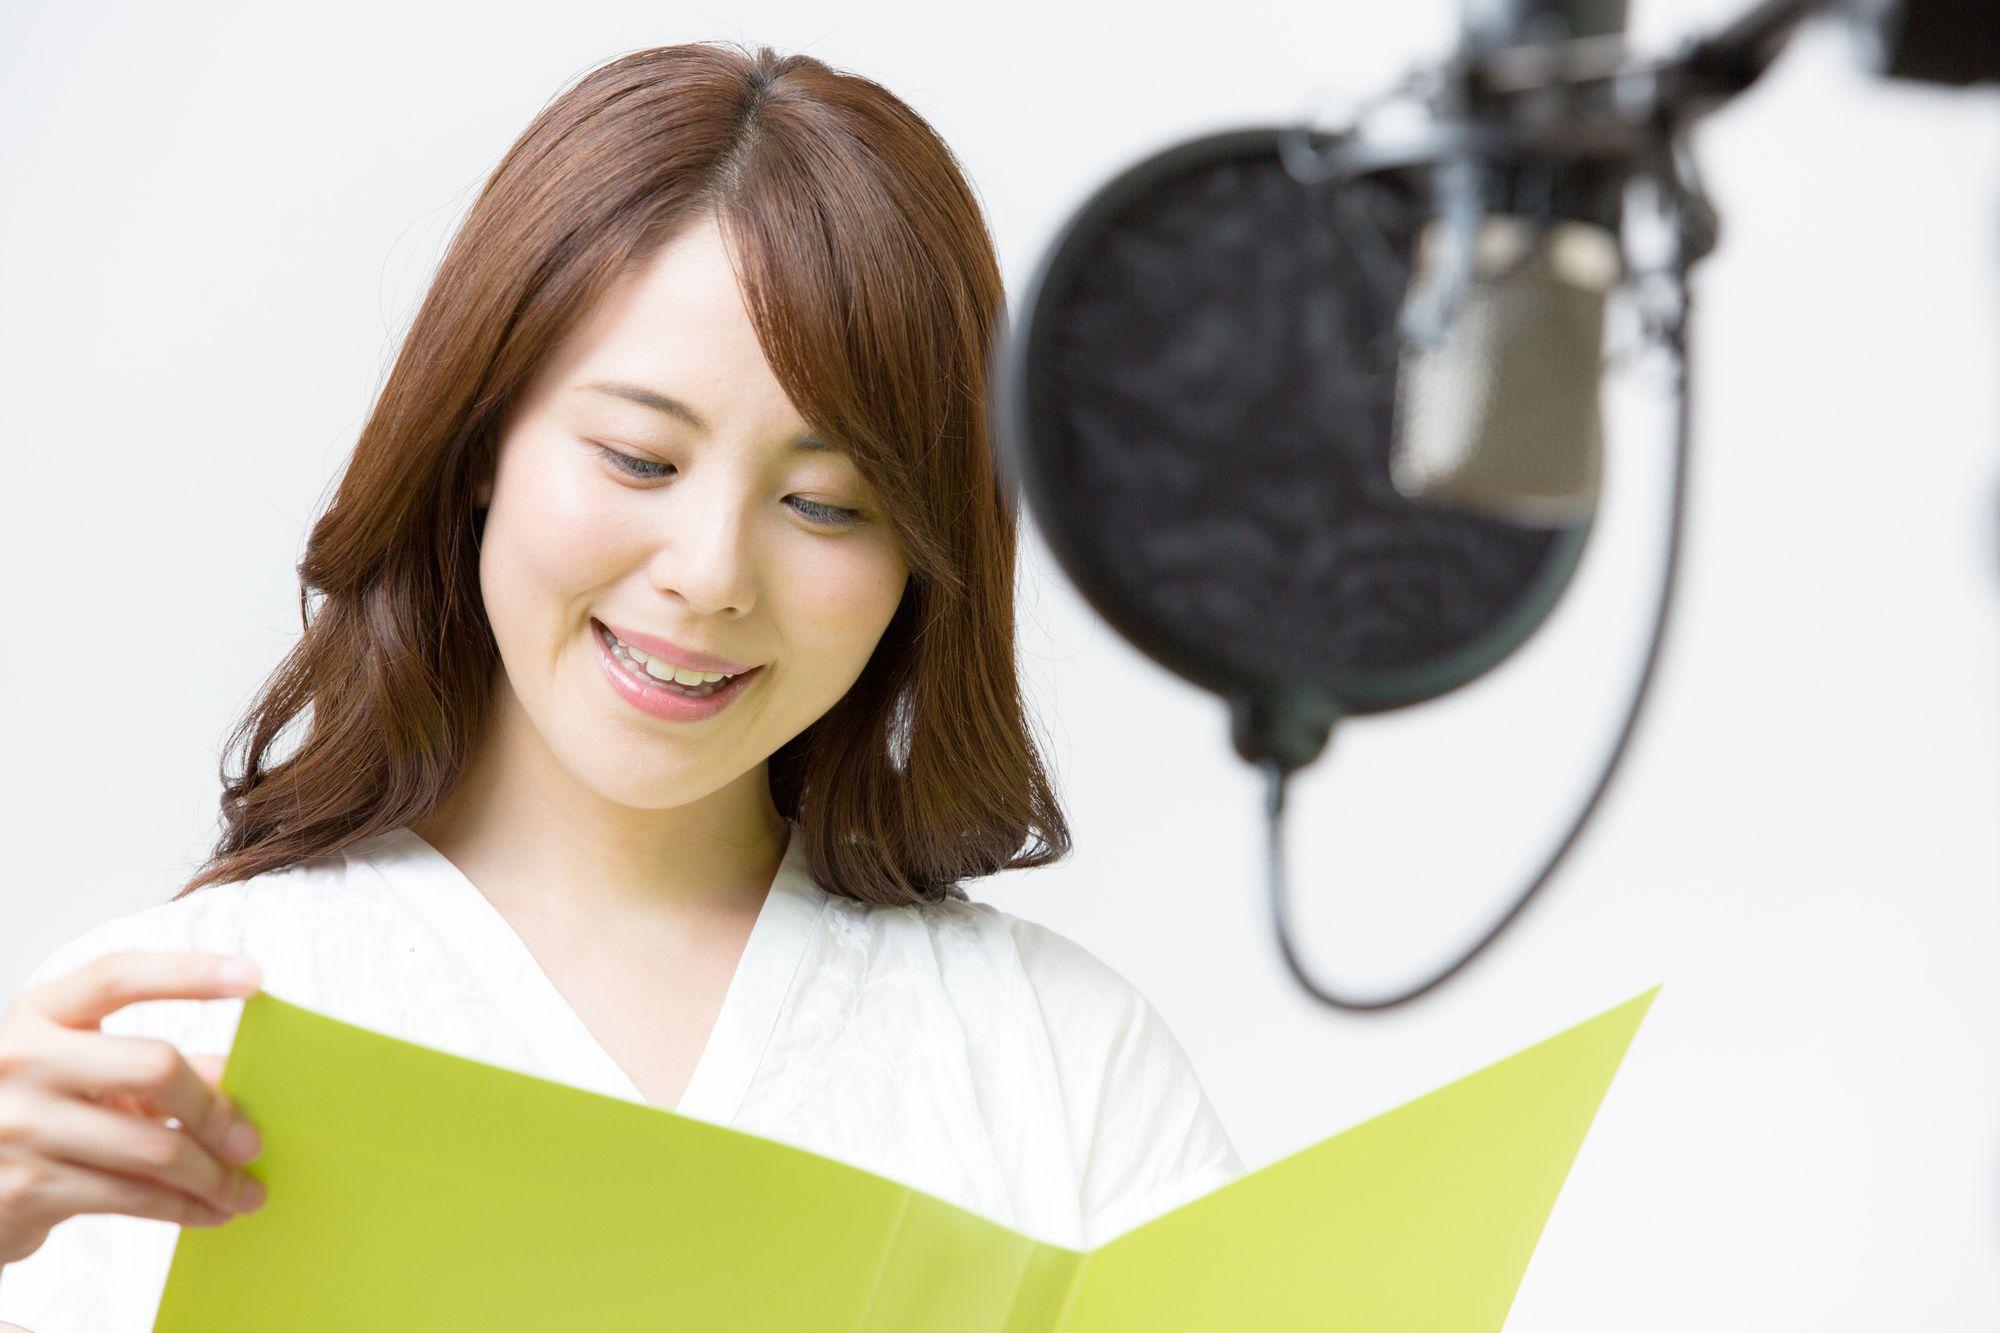 声優に求められる声の演技力とは?